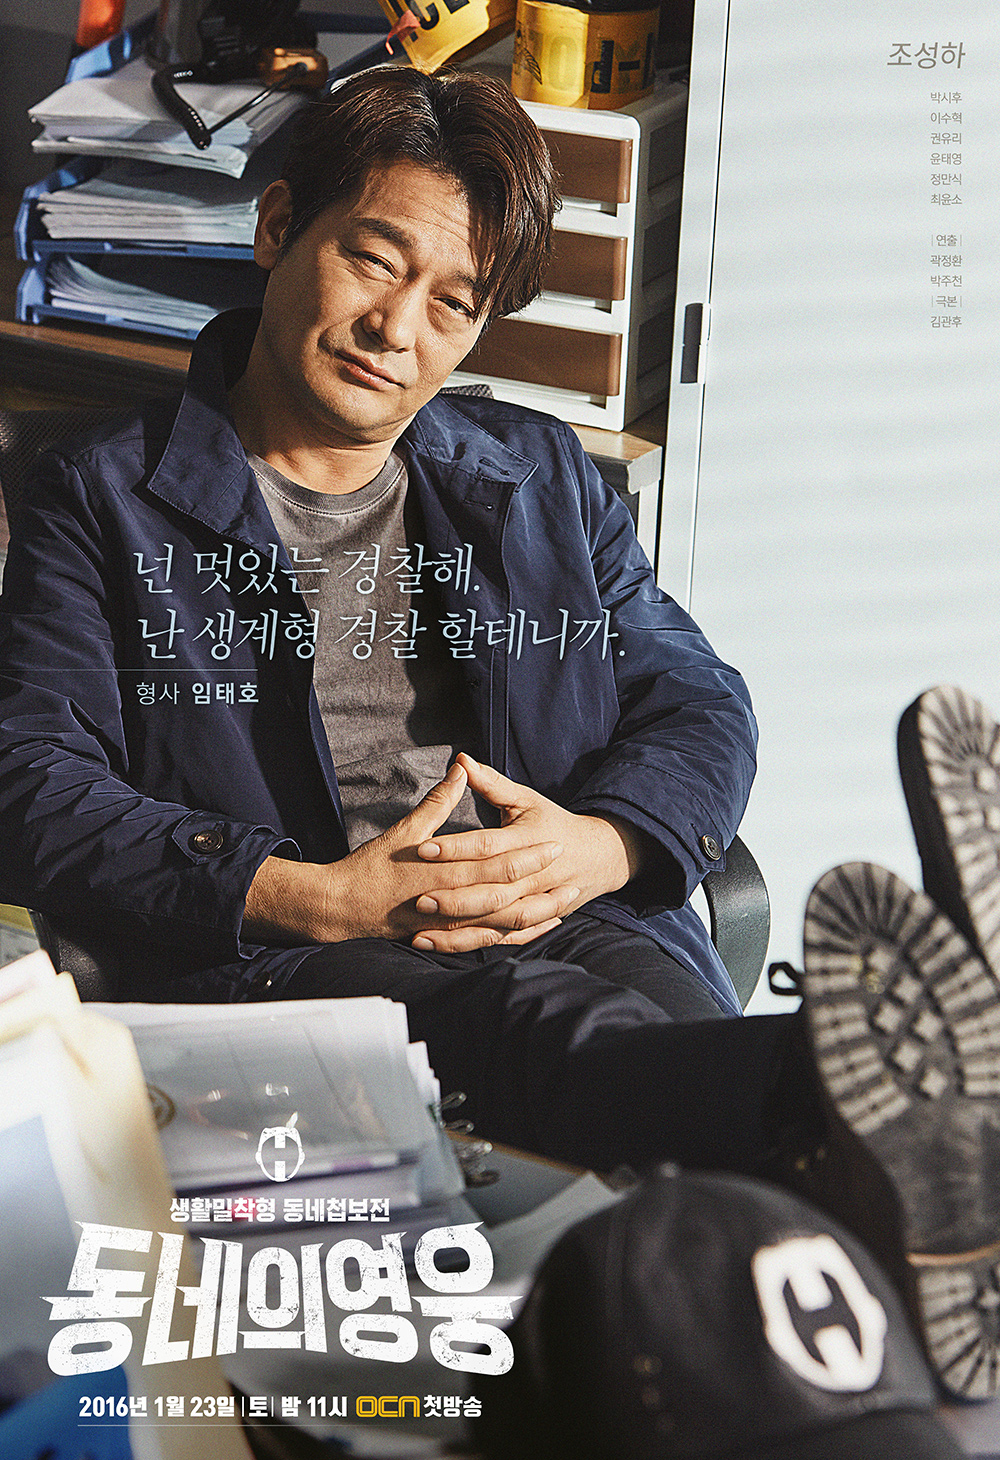 Дорама Герой по соседству (동네의 영웅, Dongneui Youngwoong, Neighborhood's Hero) - каст сериала, промо (05).jpg